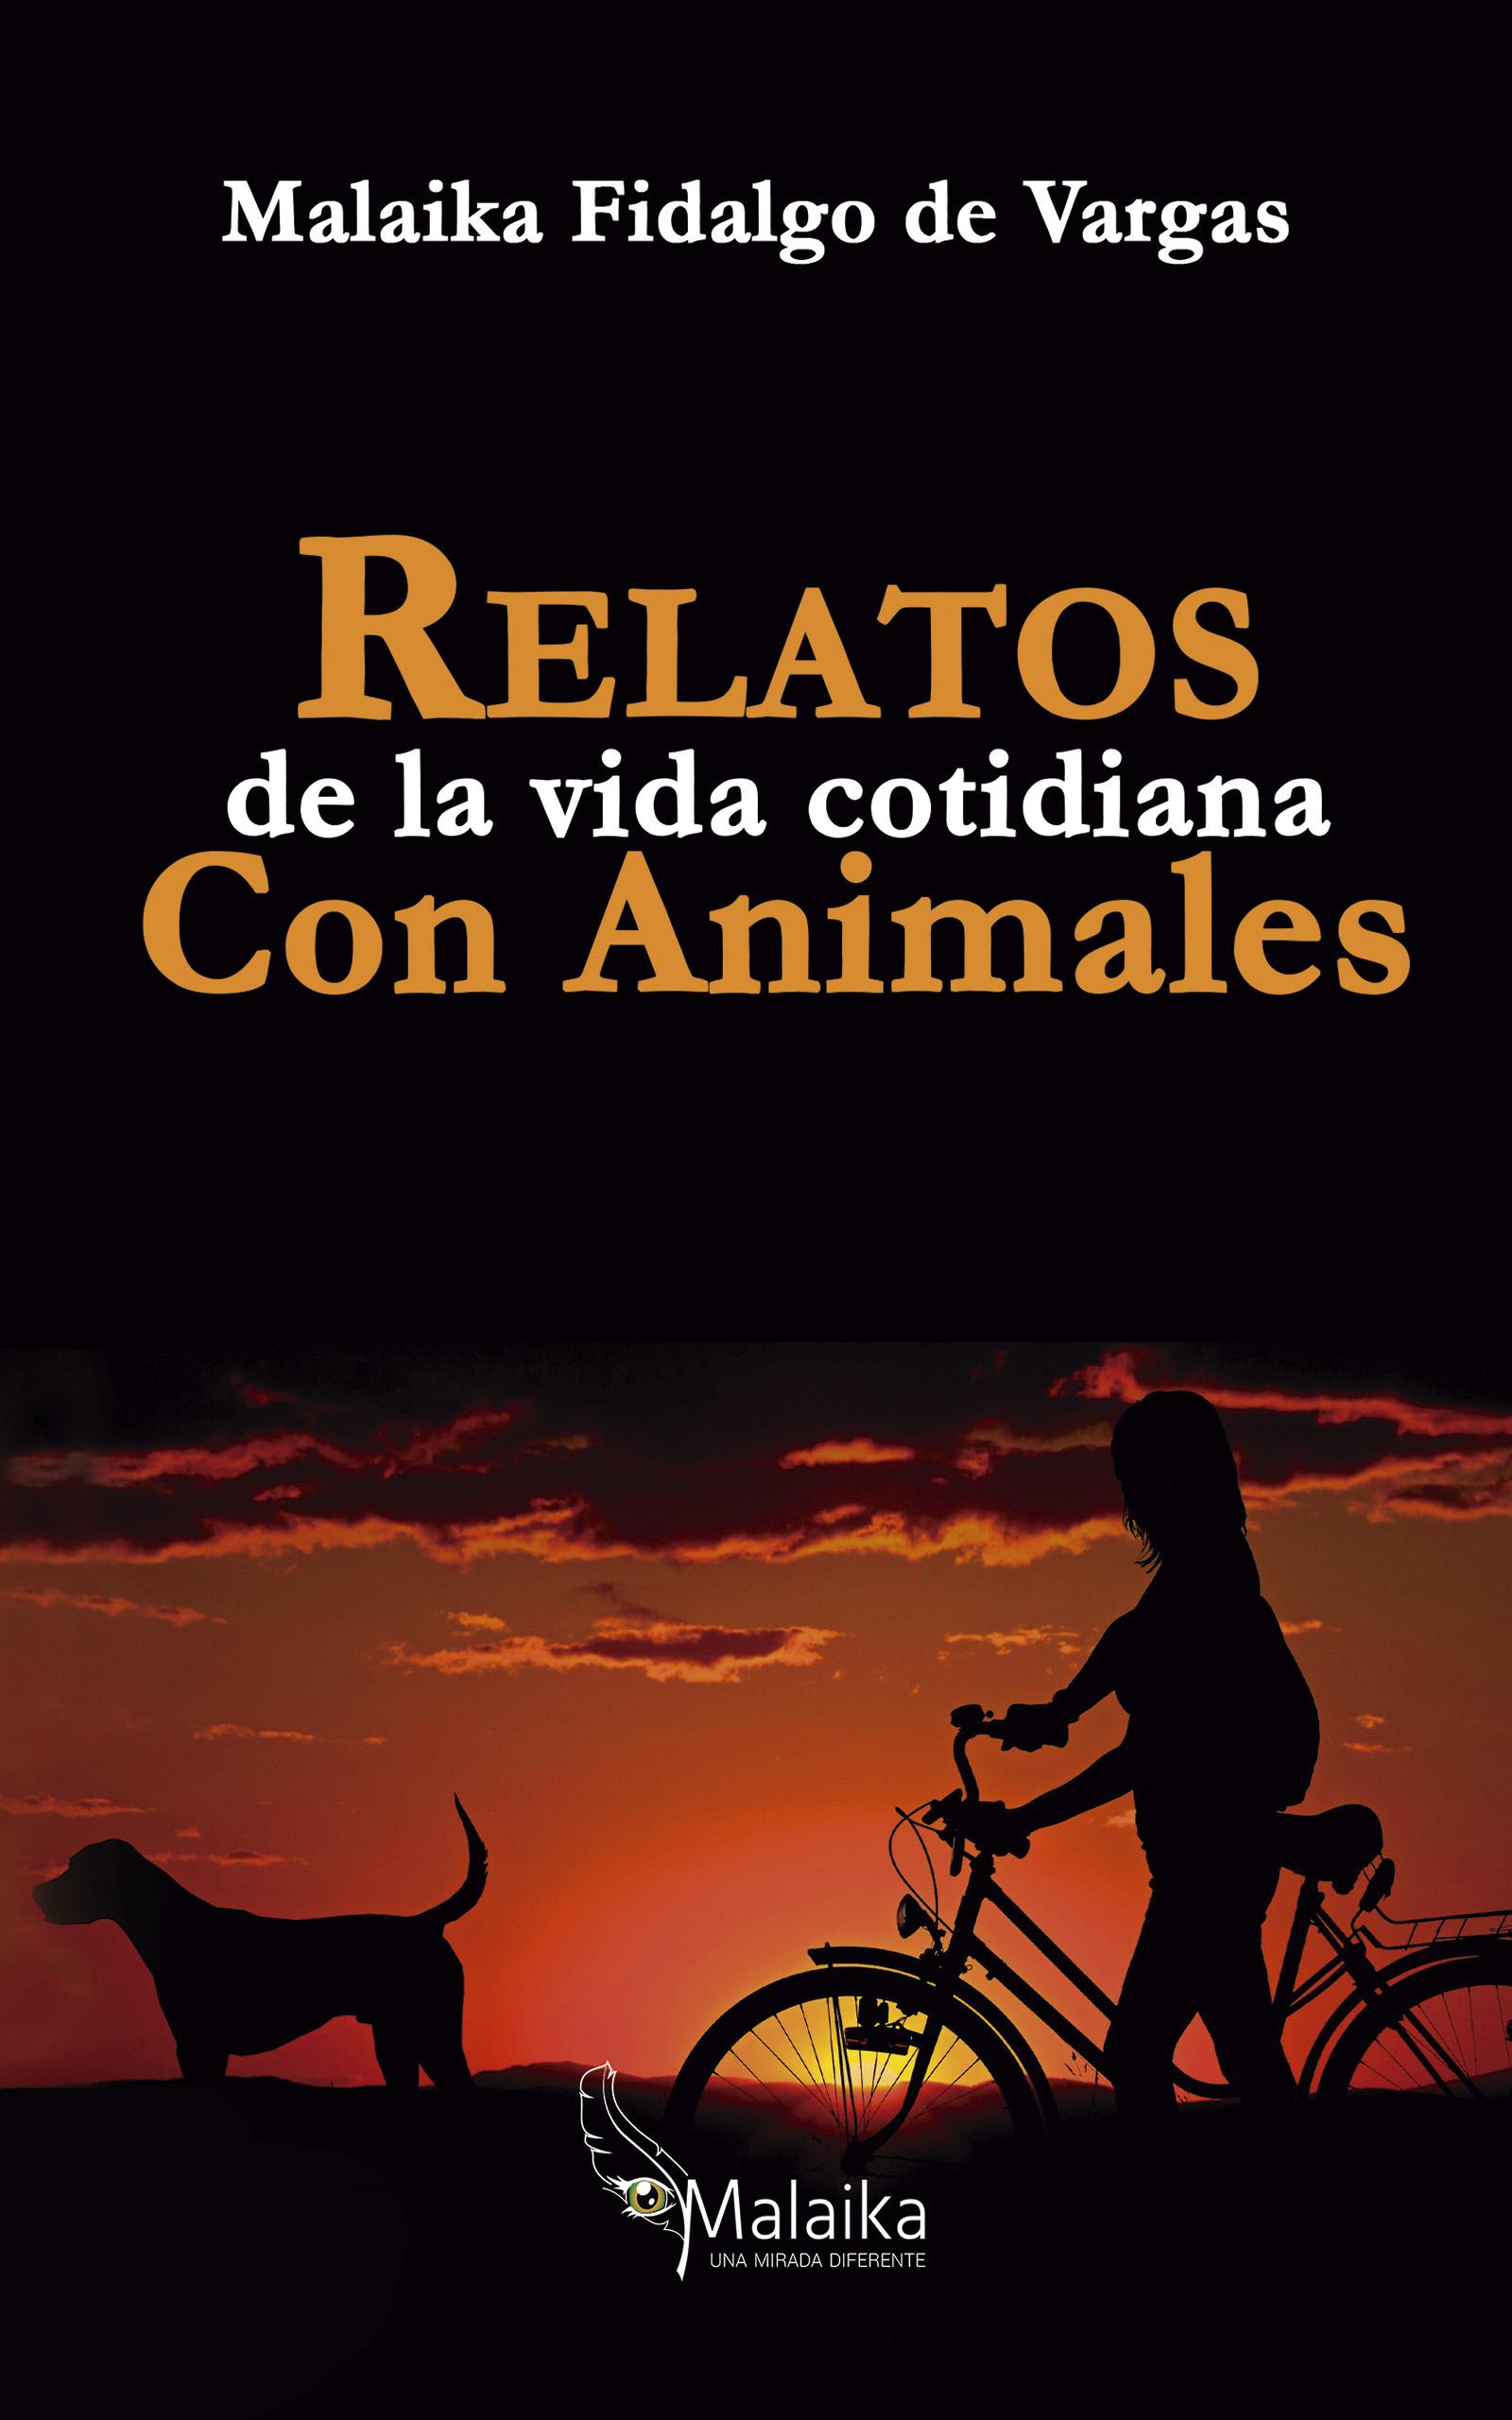 Portada EBook Relatos de la vida cotidiana con animales MALAIKA FIDALGO DE VARGAS